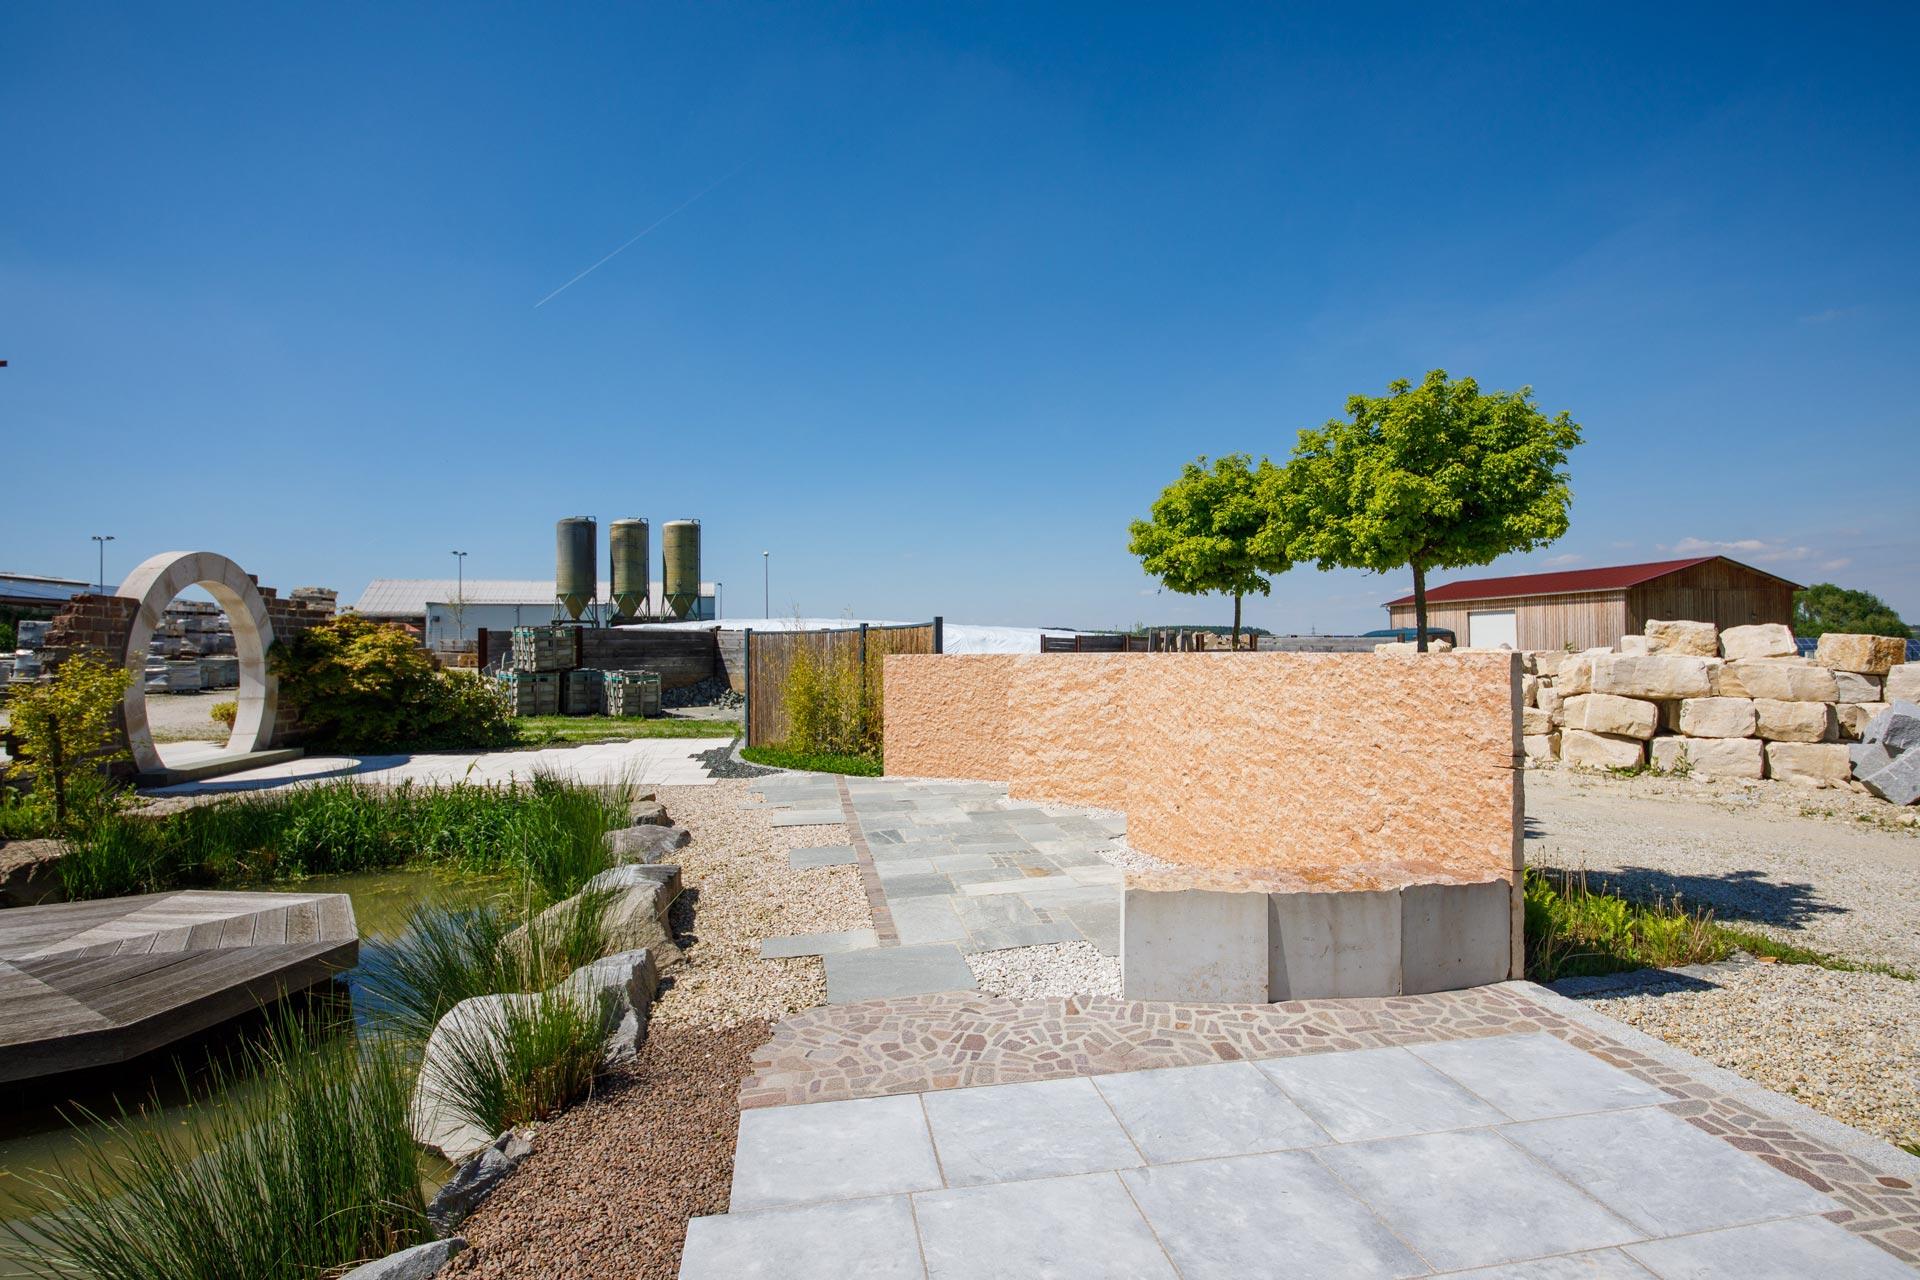 Mauerbeispiele am Firmengelände von Projekt Garten